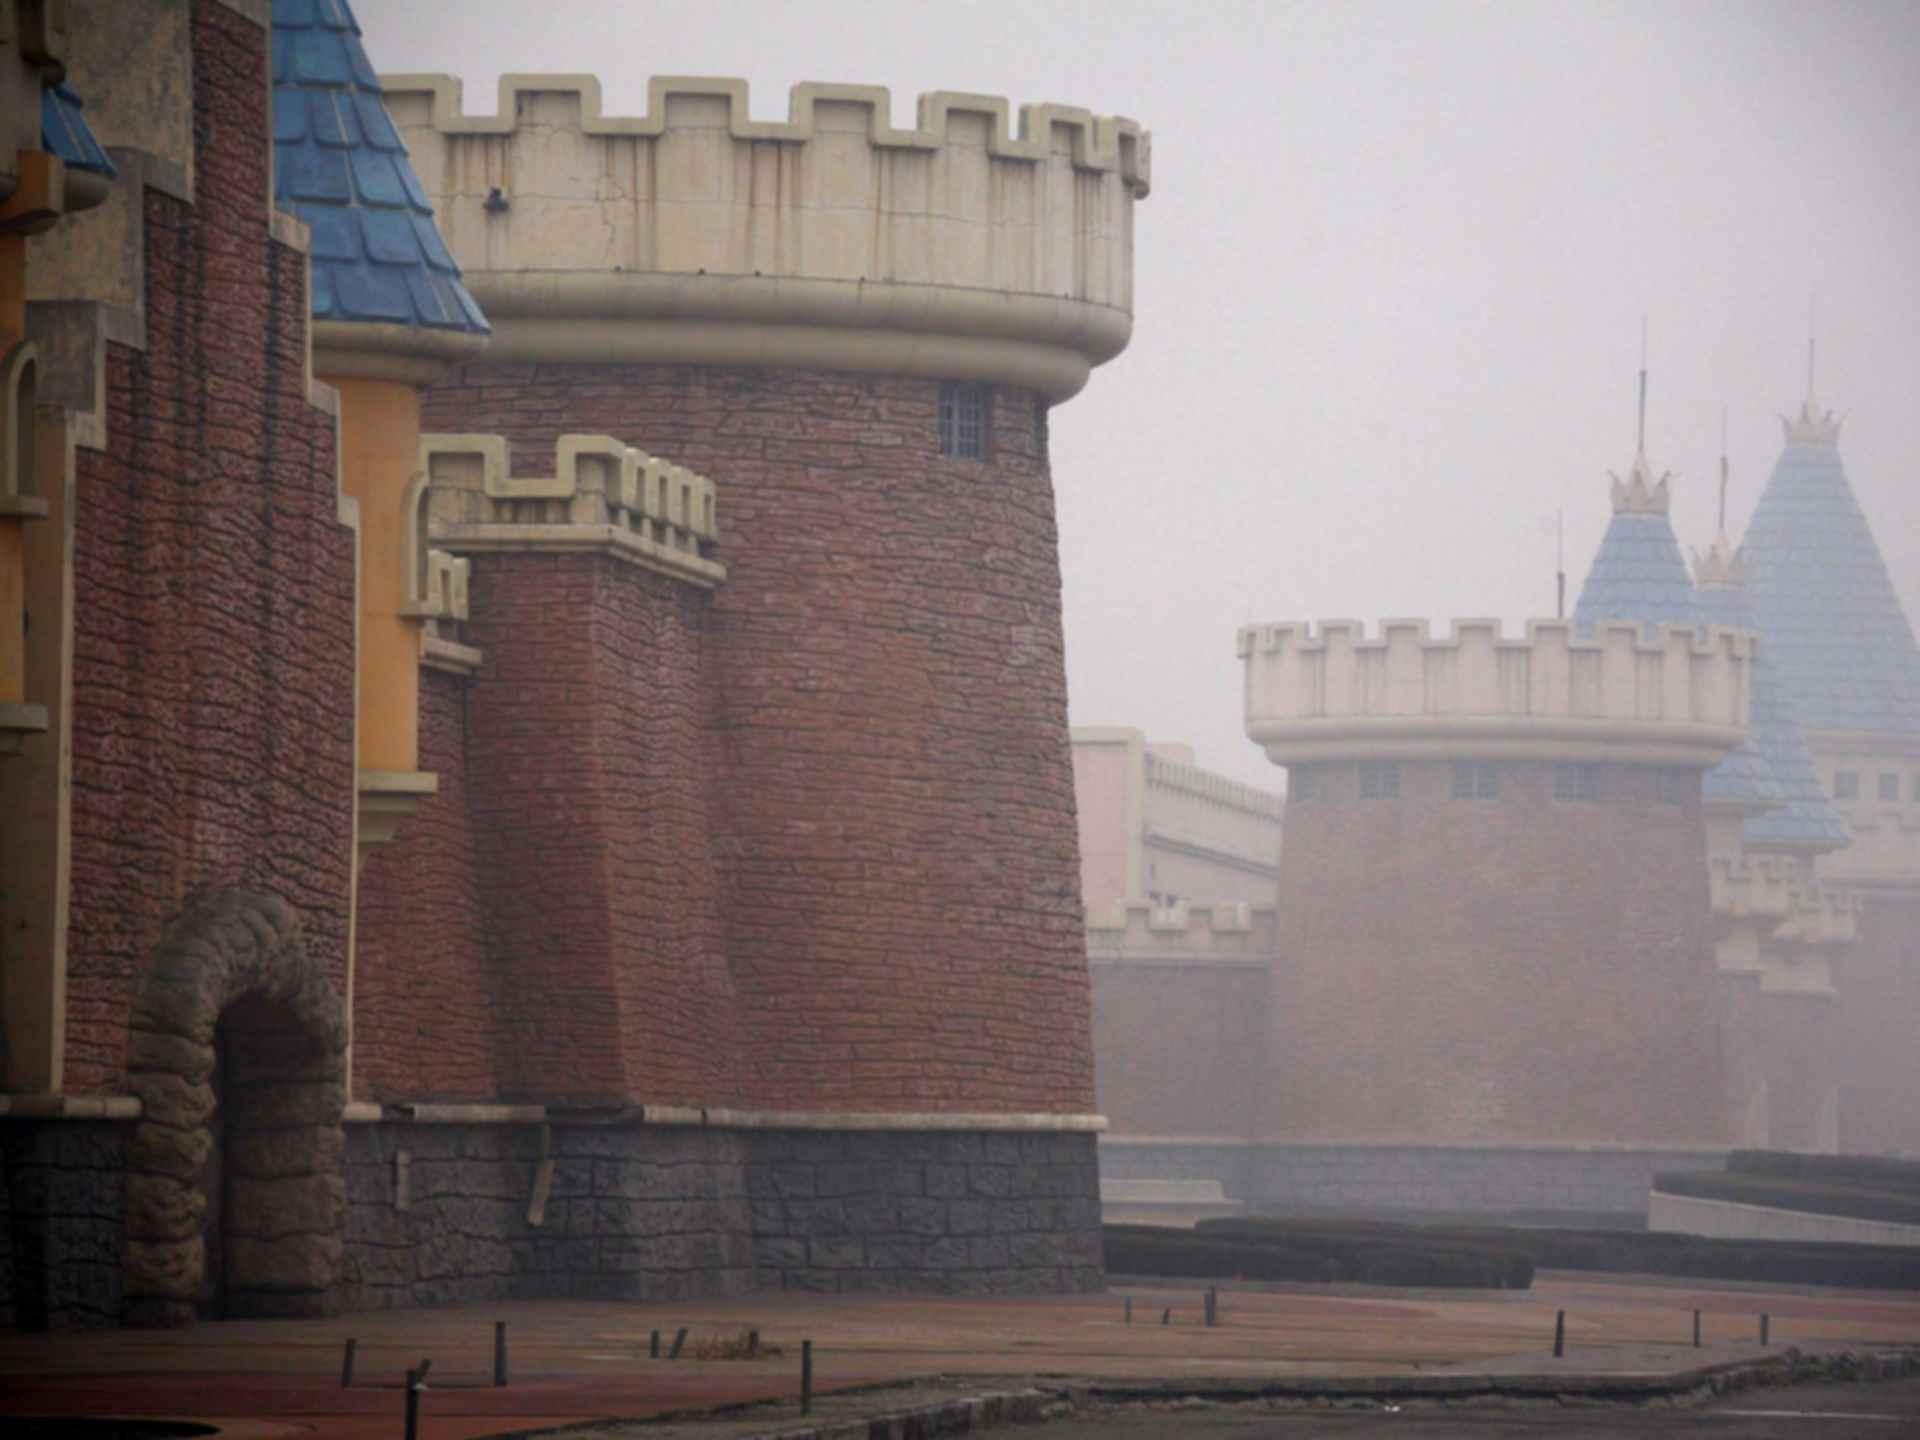 Wonderland Amusement Park - Brick Buildings